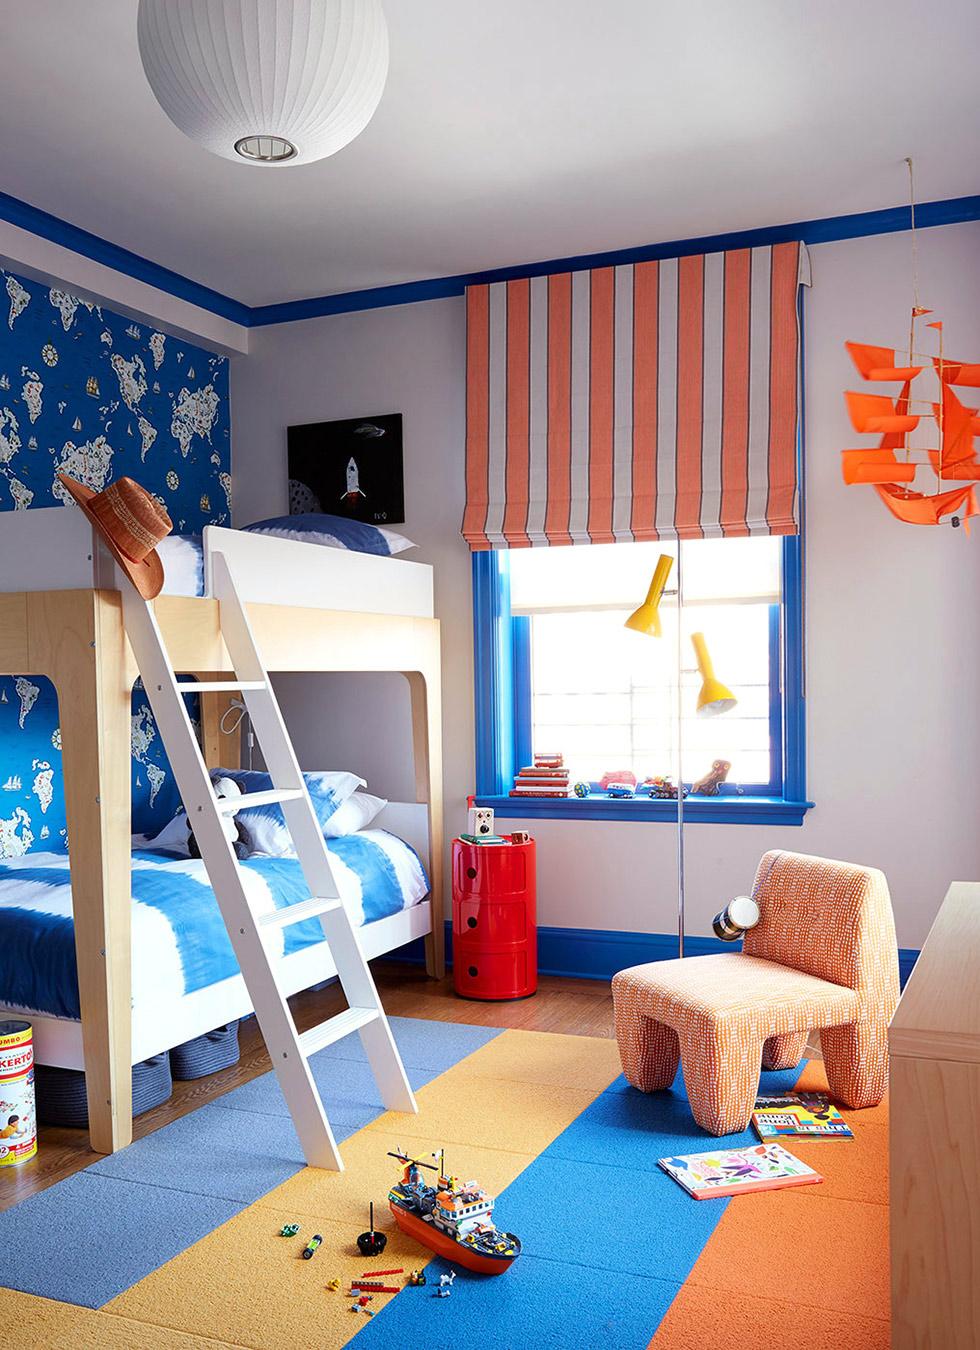 KidsRoom_Blue_222.jpg